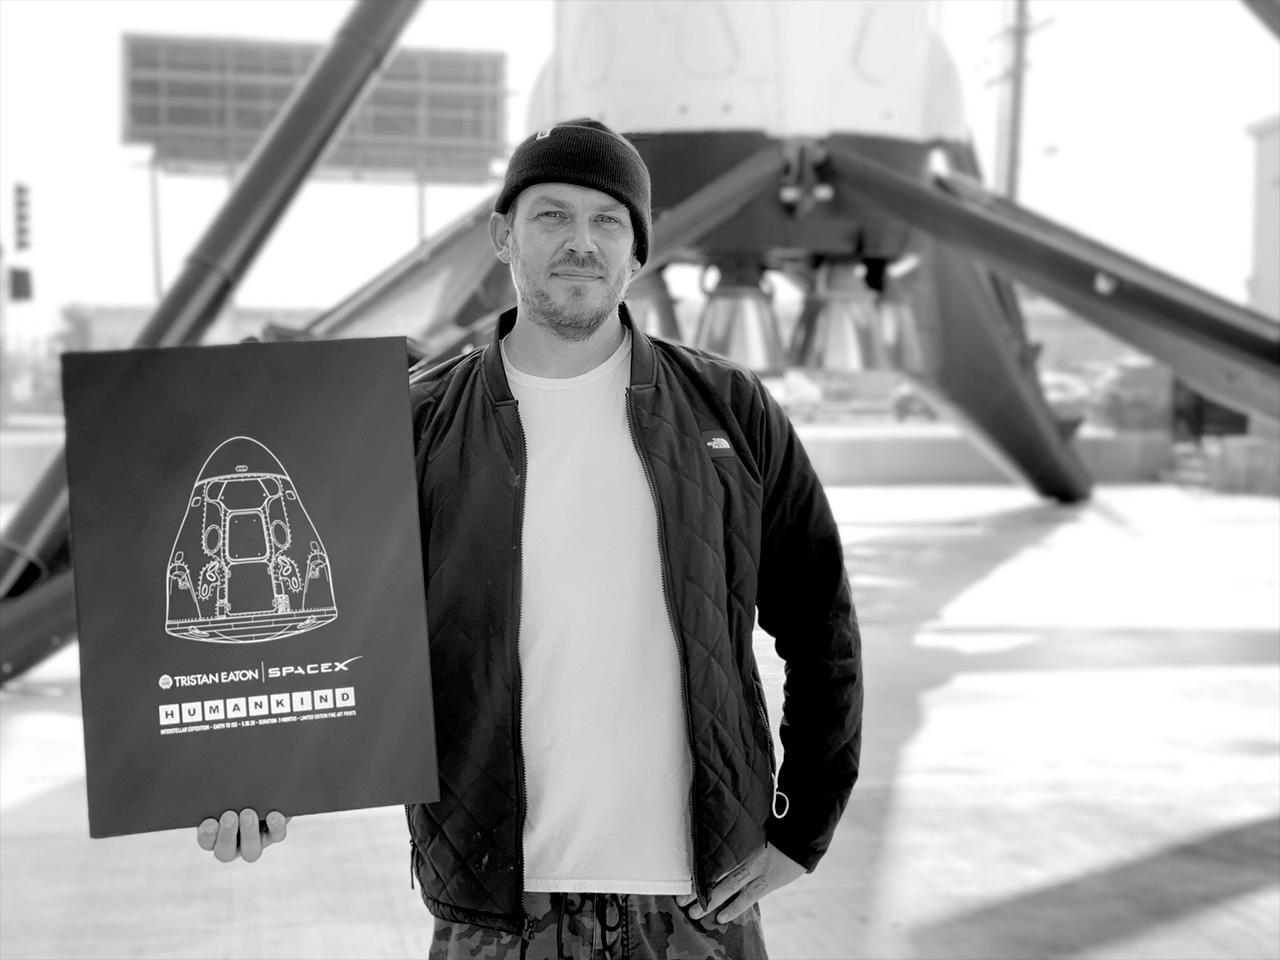 """L'artiste Tristan Eaton avec son """"Genre humain"""" coffret en édition limitée au siège de SpaceX à Hawthorne, Californie."""